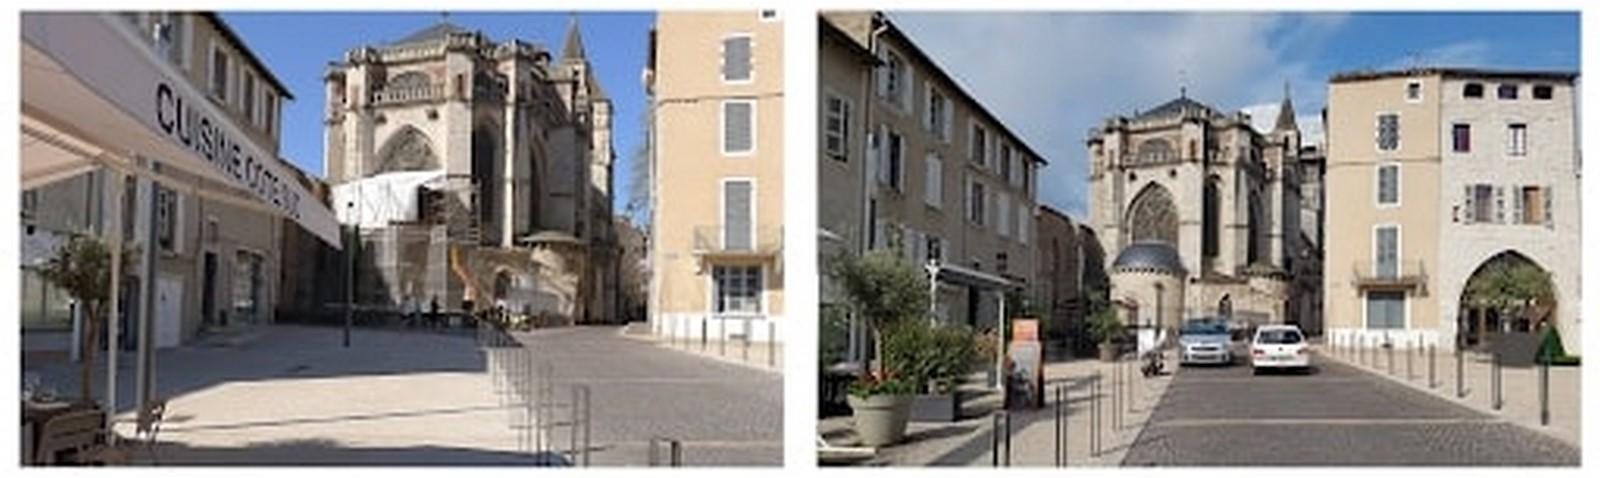 Architects in Bordeaux - Top 80 Architects in Bordeaux Sheet28